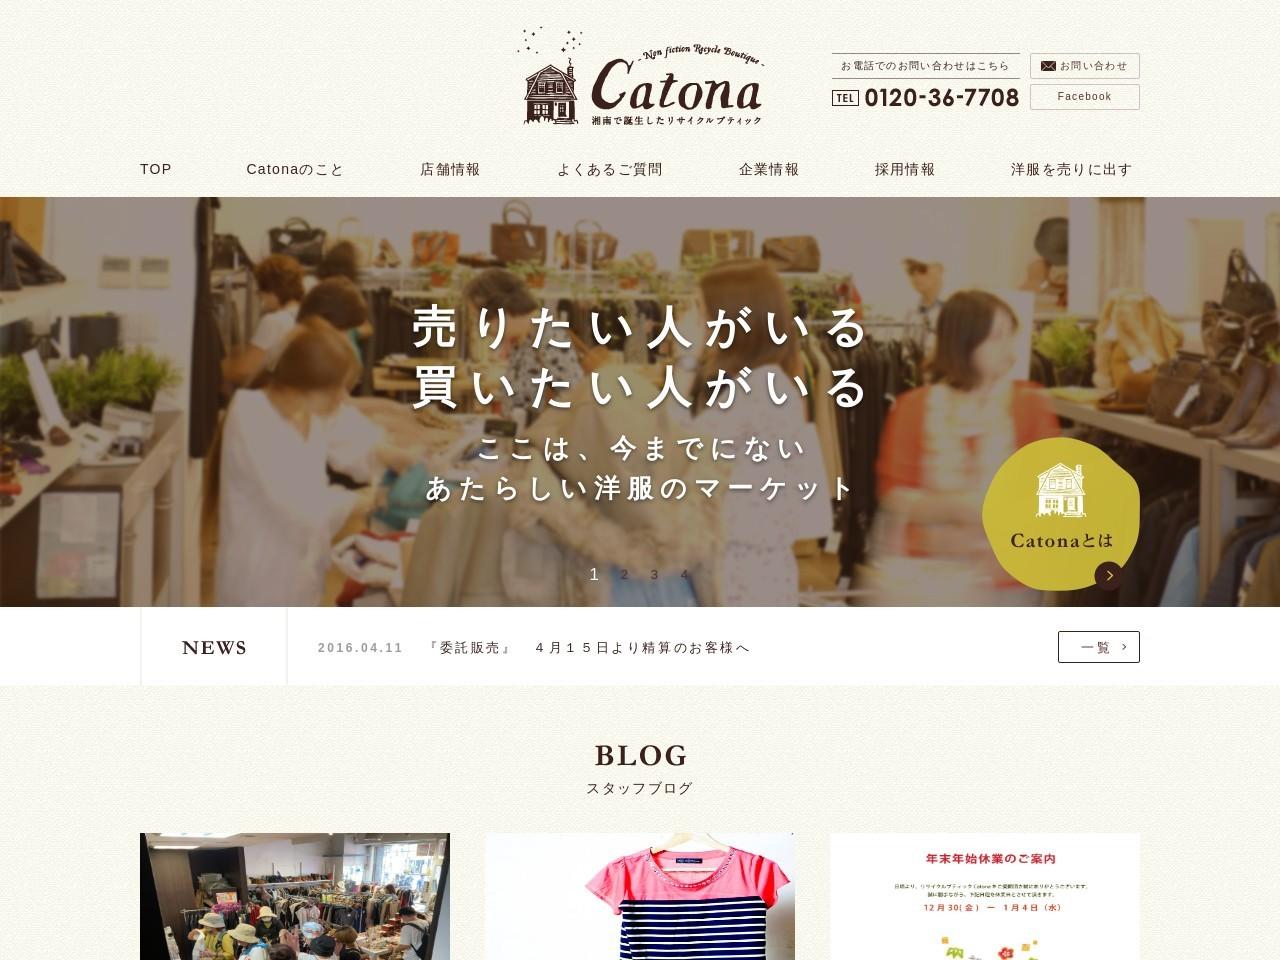 セレクトリサイクルブティック Catona(カトナ)